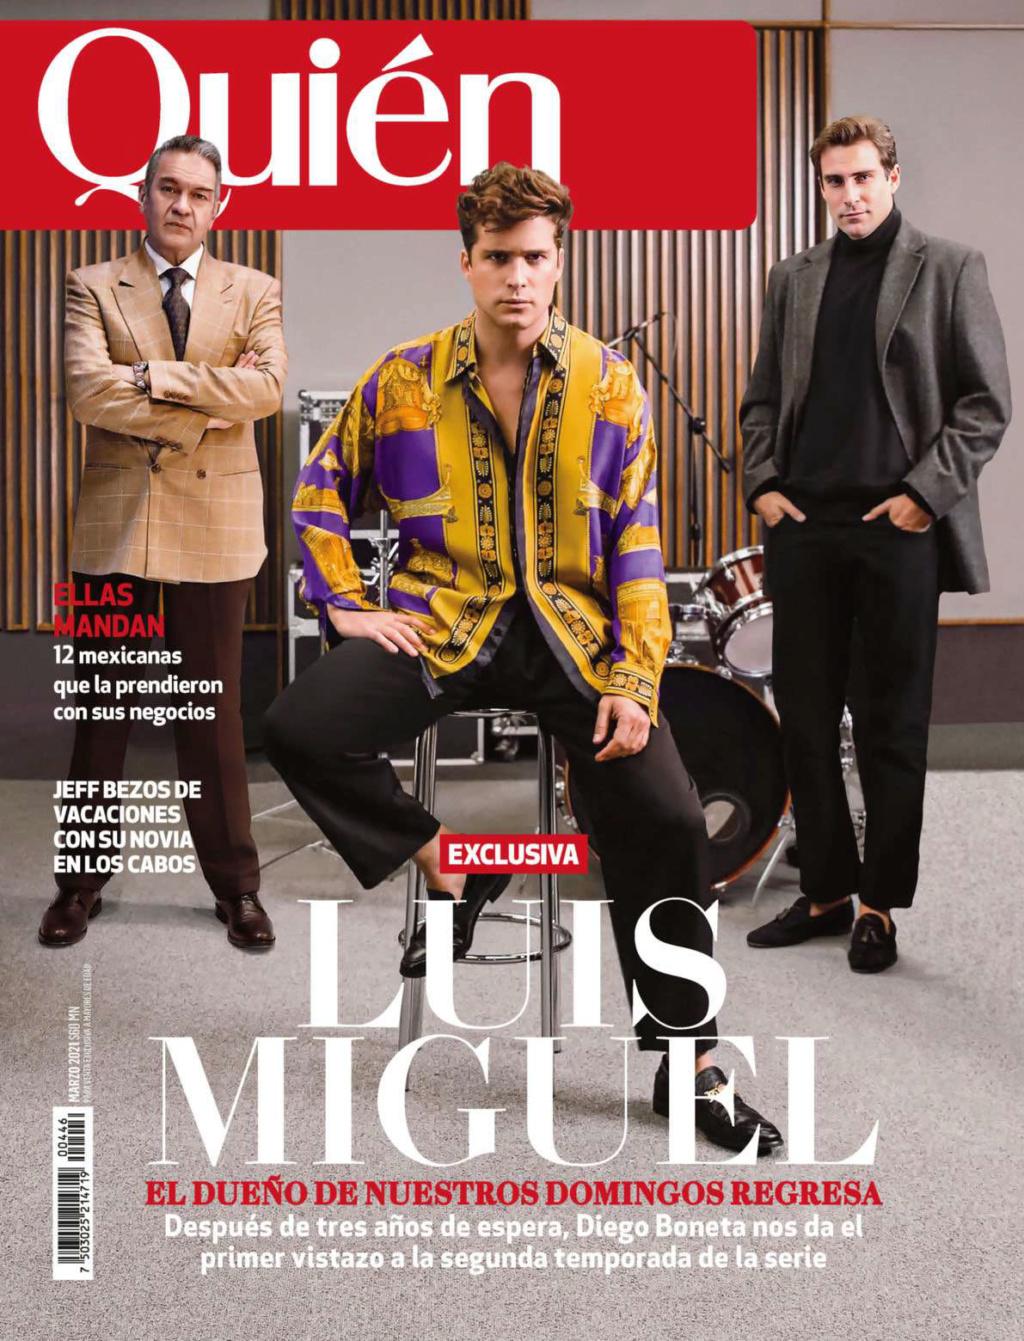 Quién nos cuenta casi todo sobre la segunda temporada de la serie de Luis Miguel Quien-15